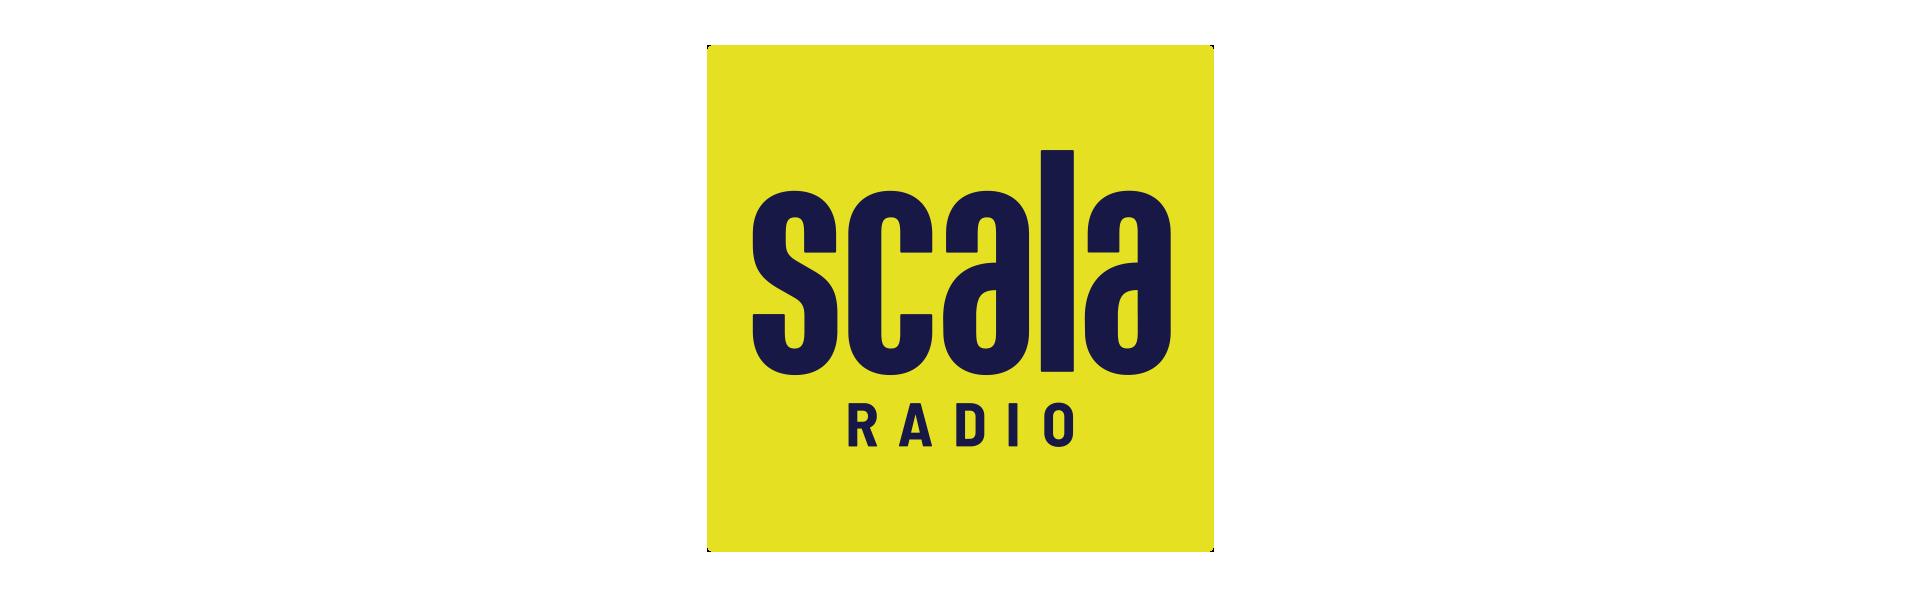 The Levelling Soundtrack on Scala Radio